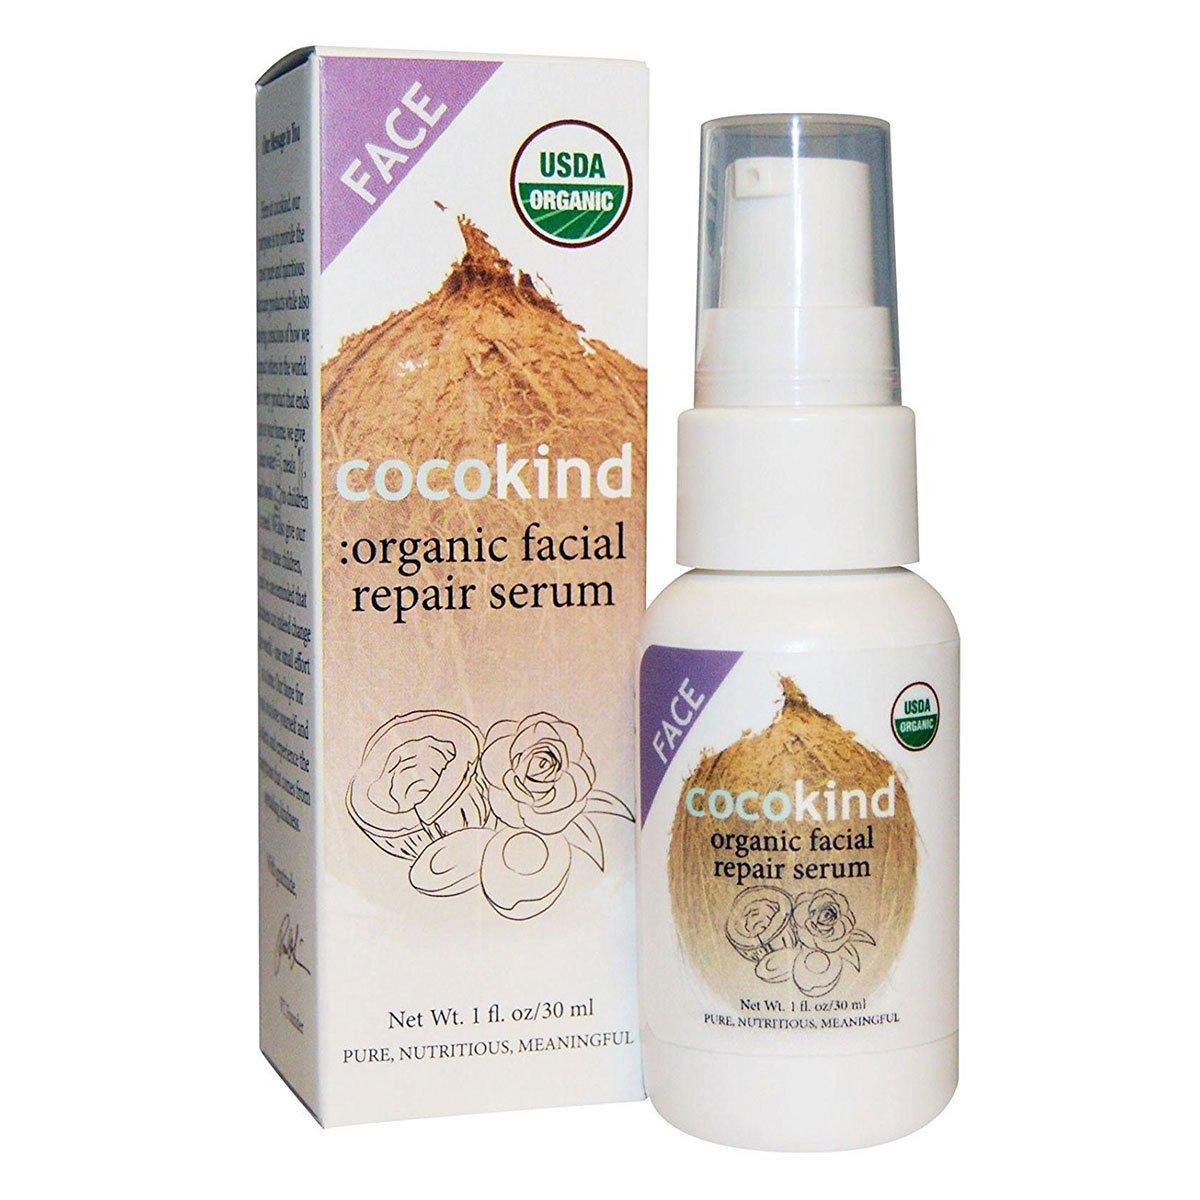 Cocokind - Organic Facial Repair Serum - 1 oz.